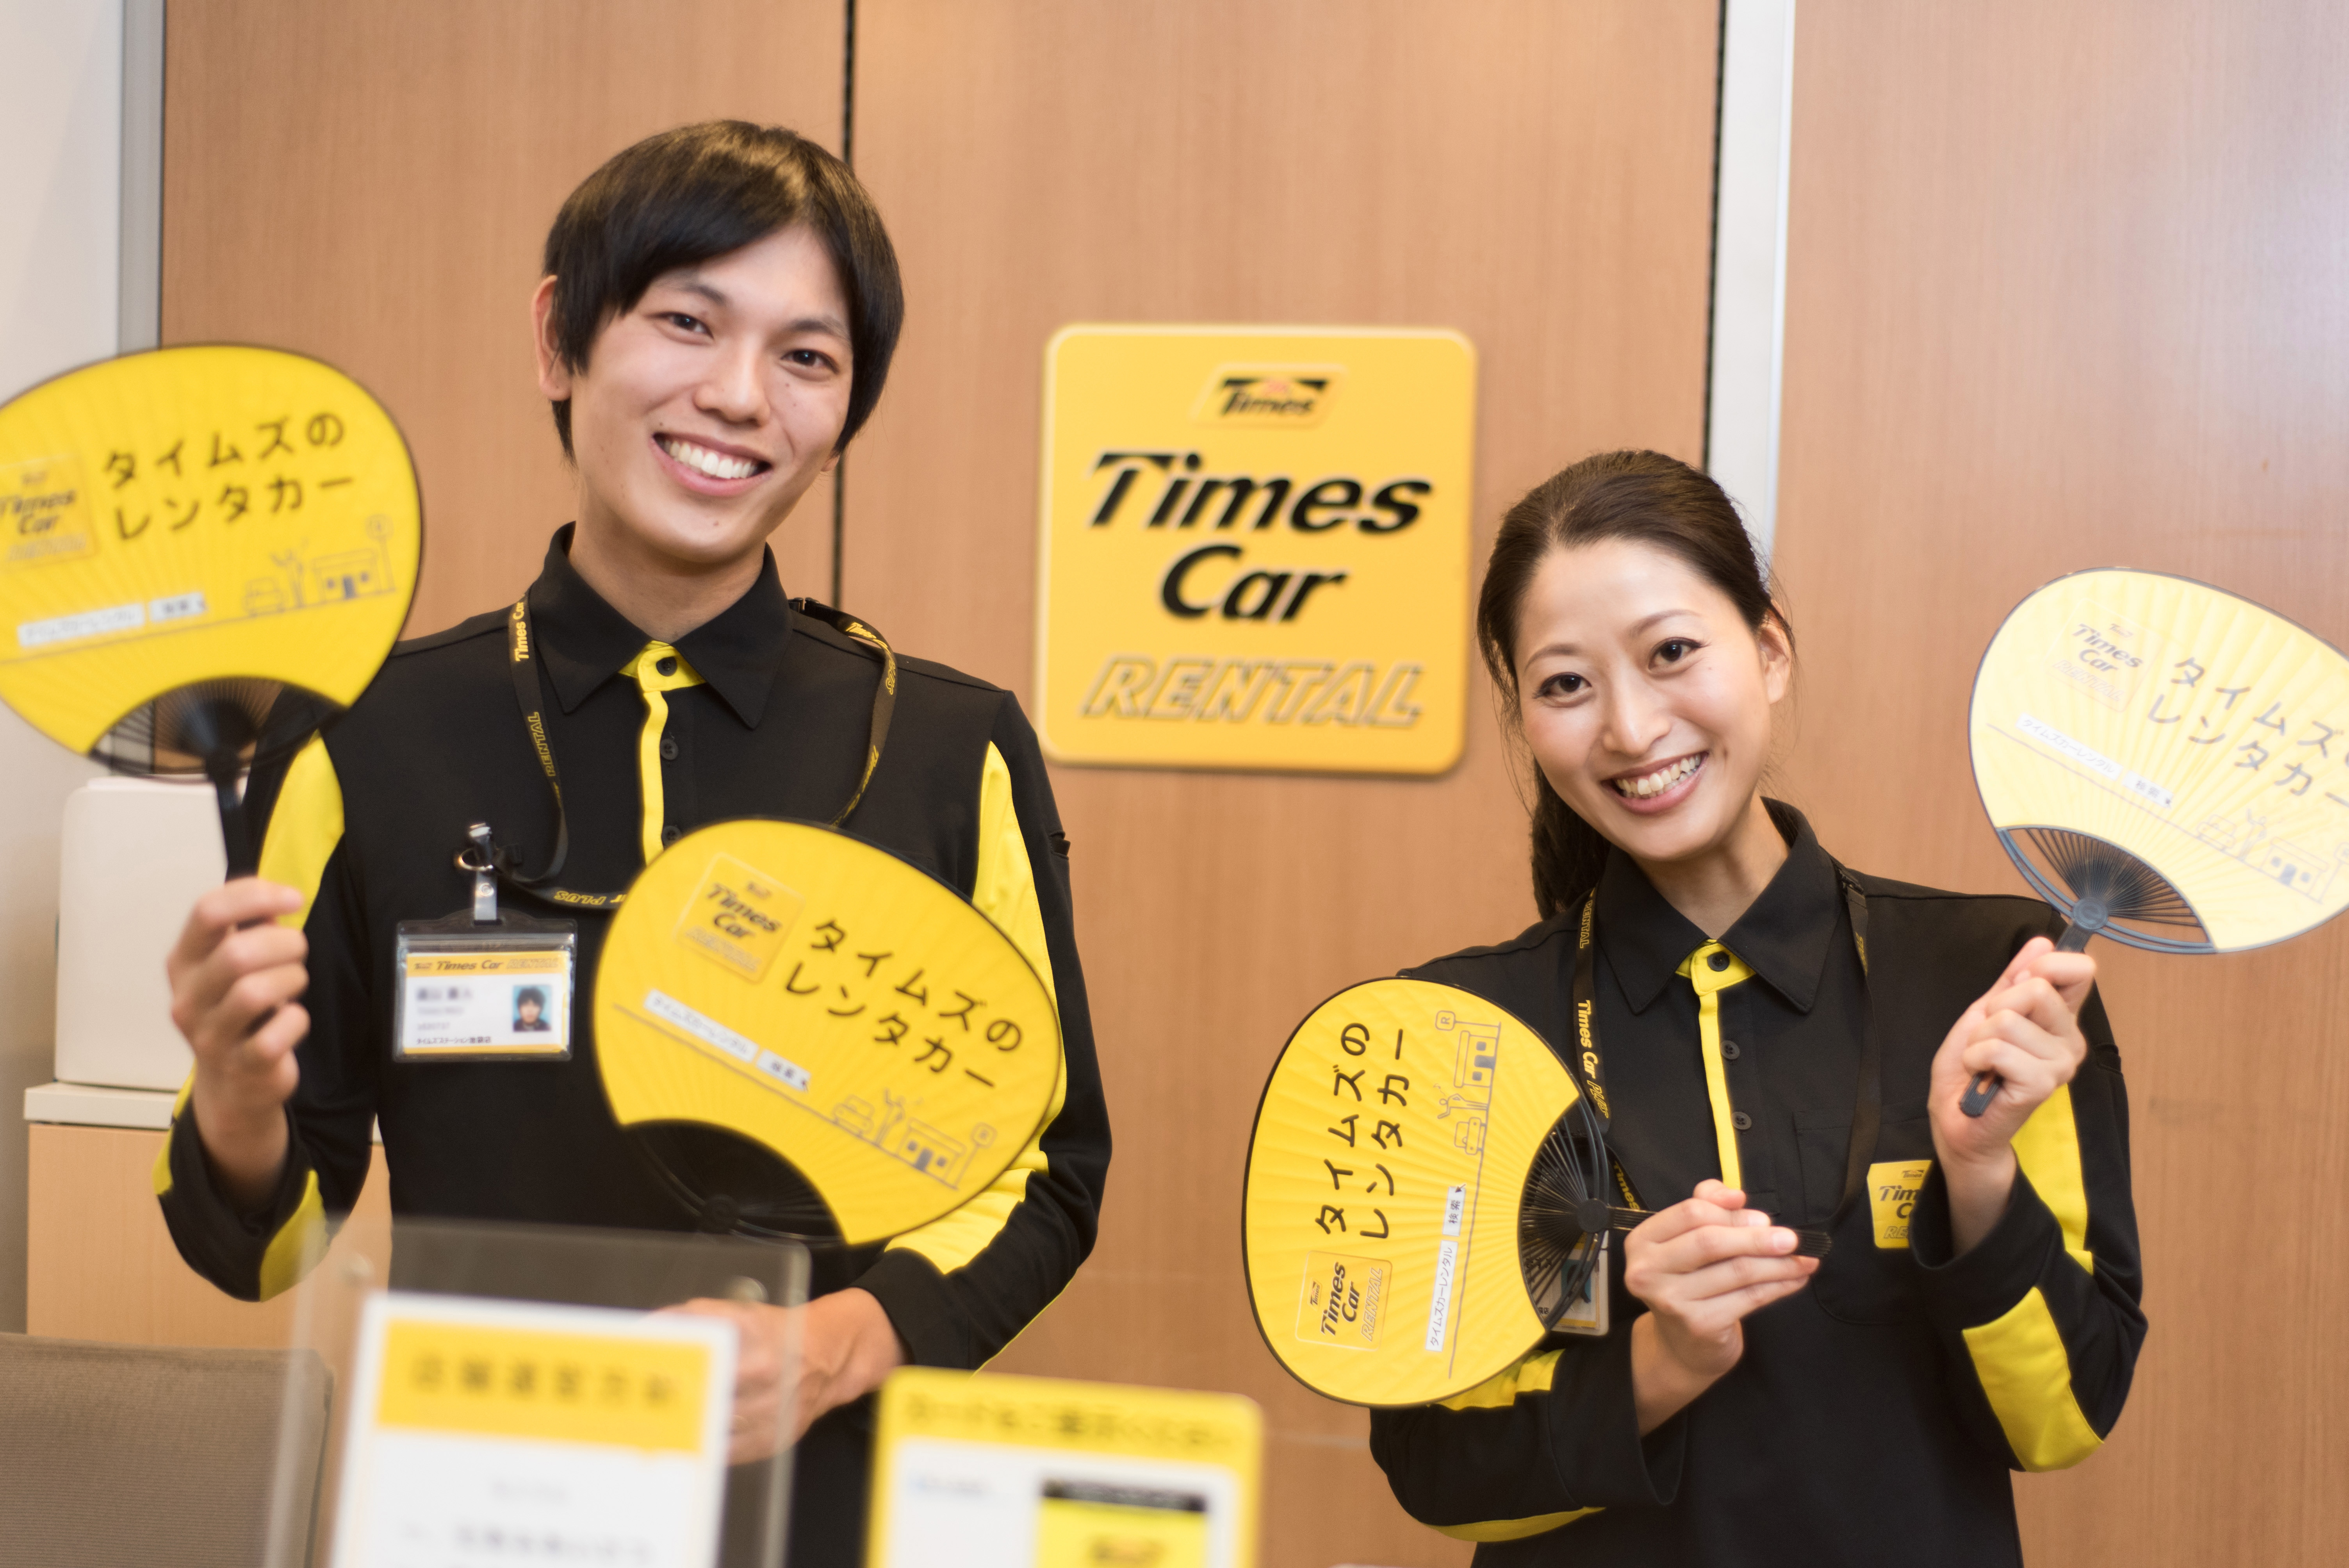 タイムズカーレンタル タイムズステーション有楽町イトシア店 のアルバイト情報